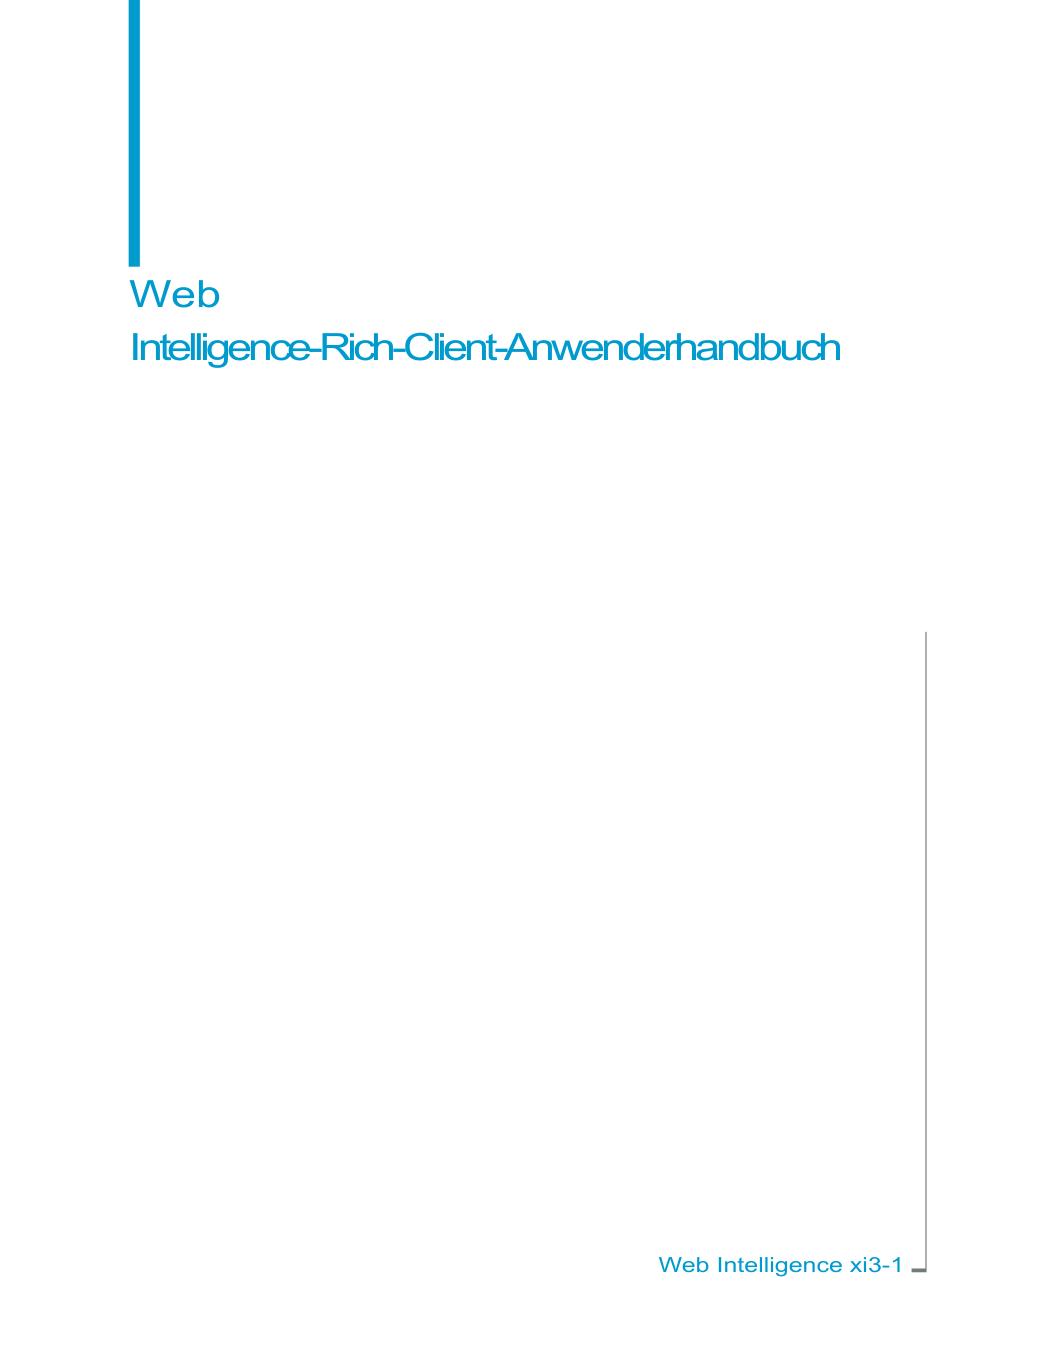 Web Intelligence-Rich-Client-Anwenderhandbuch